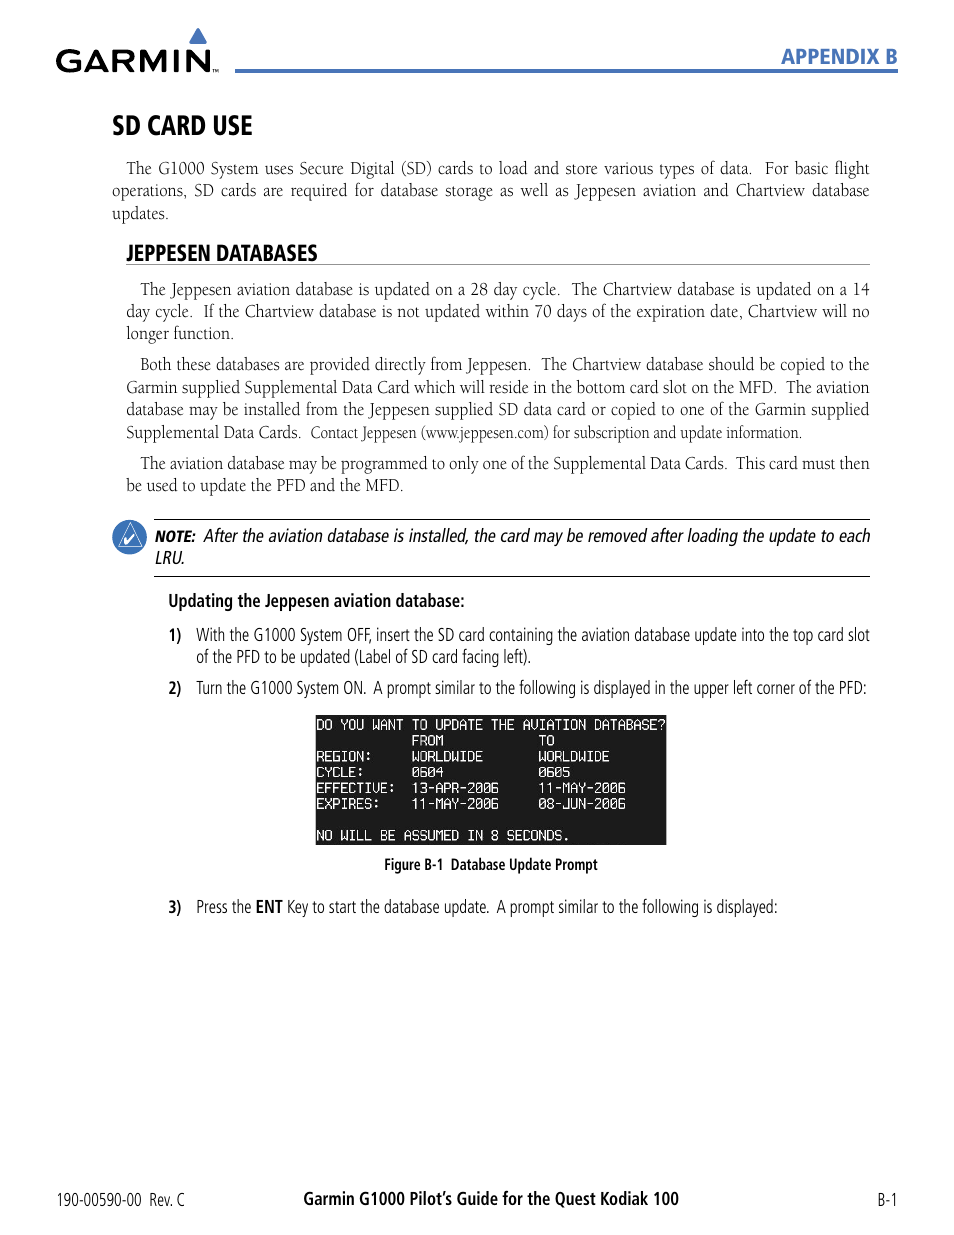 Sd card use, Jeppesen databases | Garmin G1000 Quest Kodiak